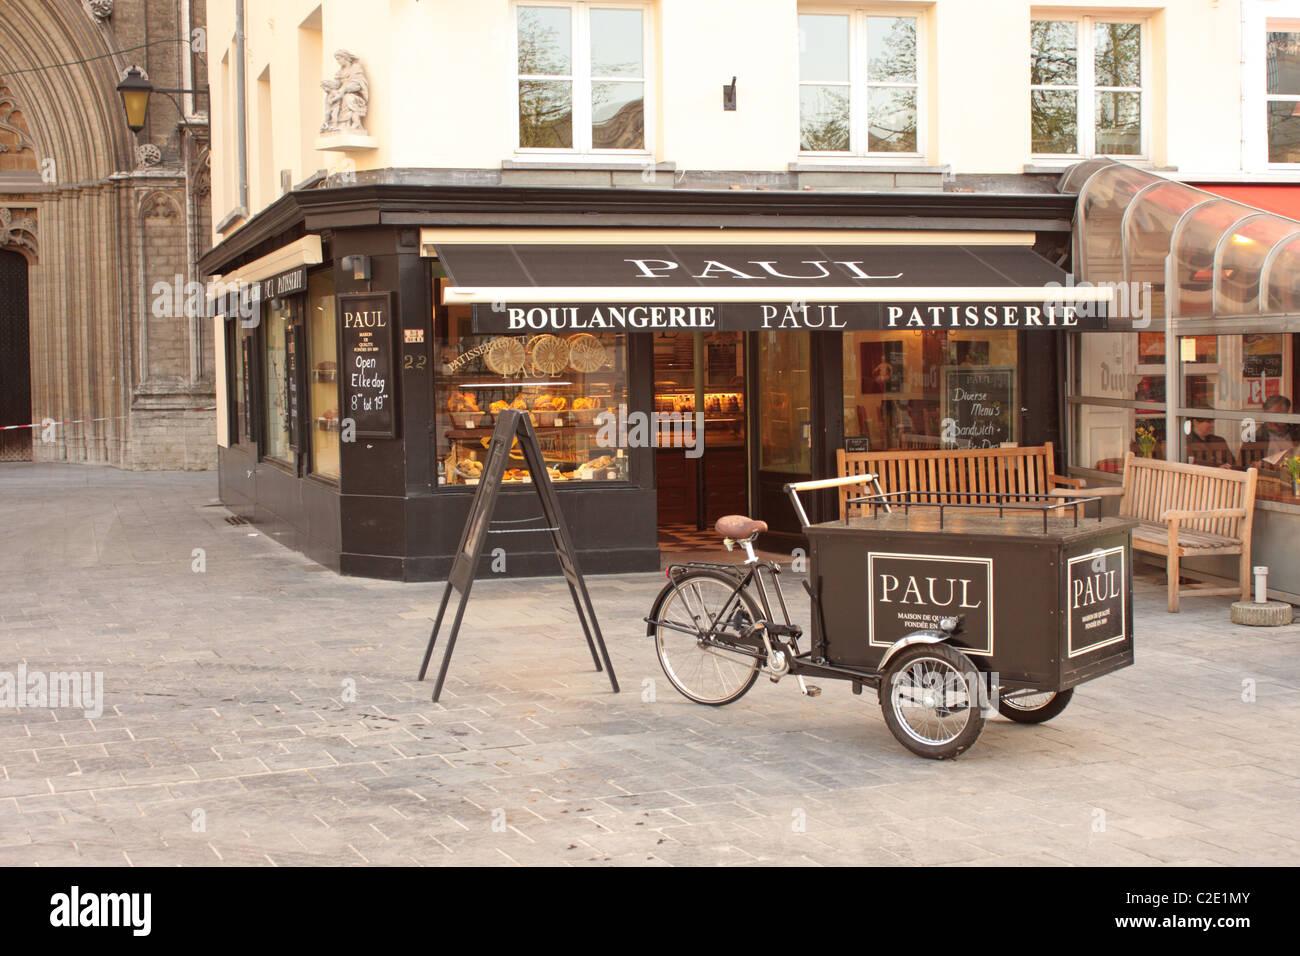 A Boulangerie Patisserie Groenplaats Antwerp Belgium - Stock Image